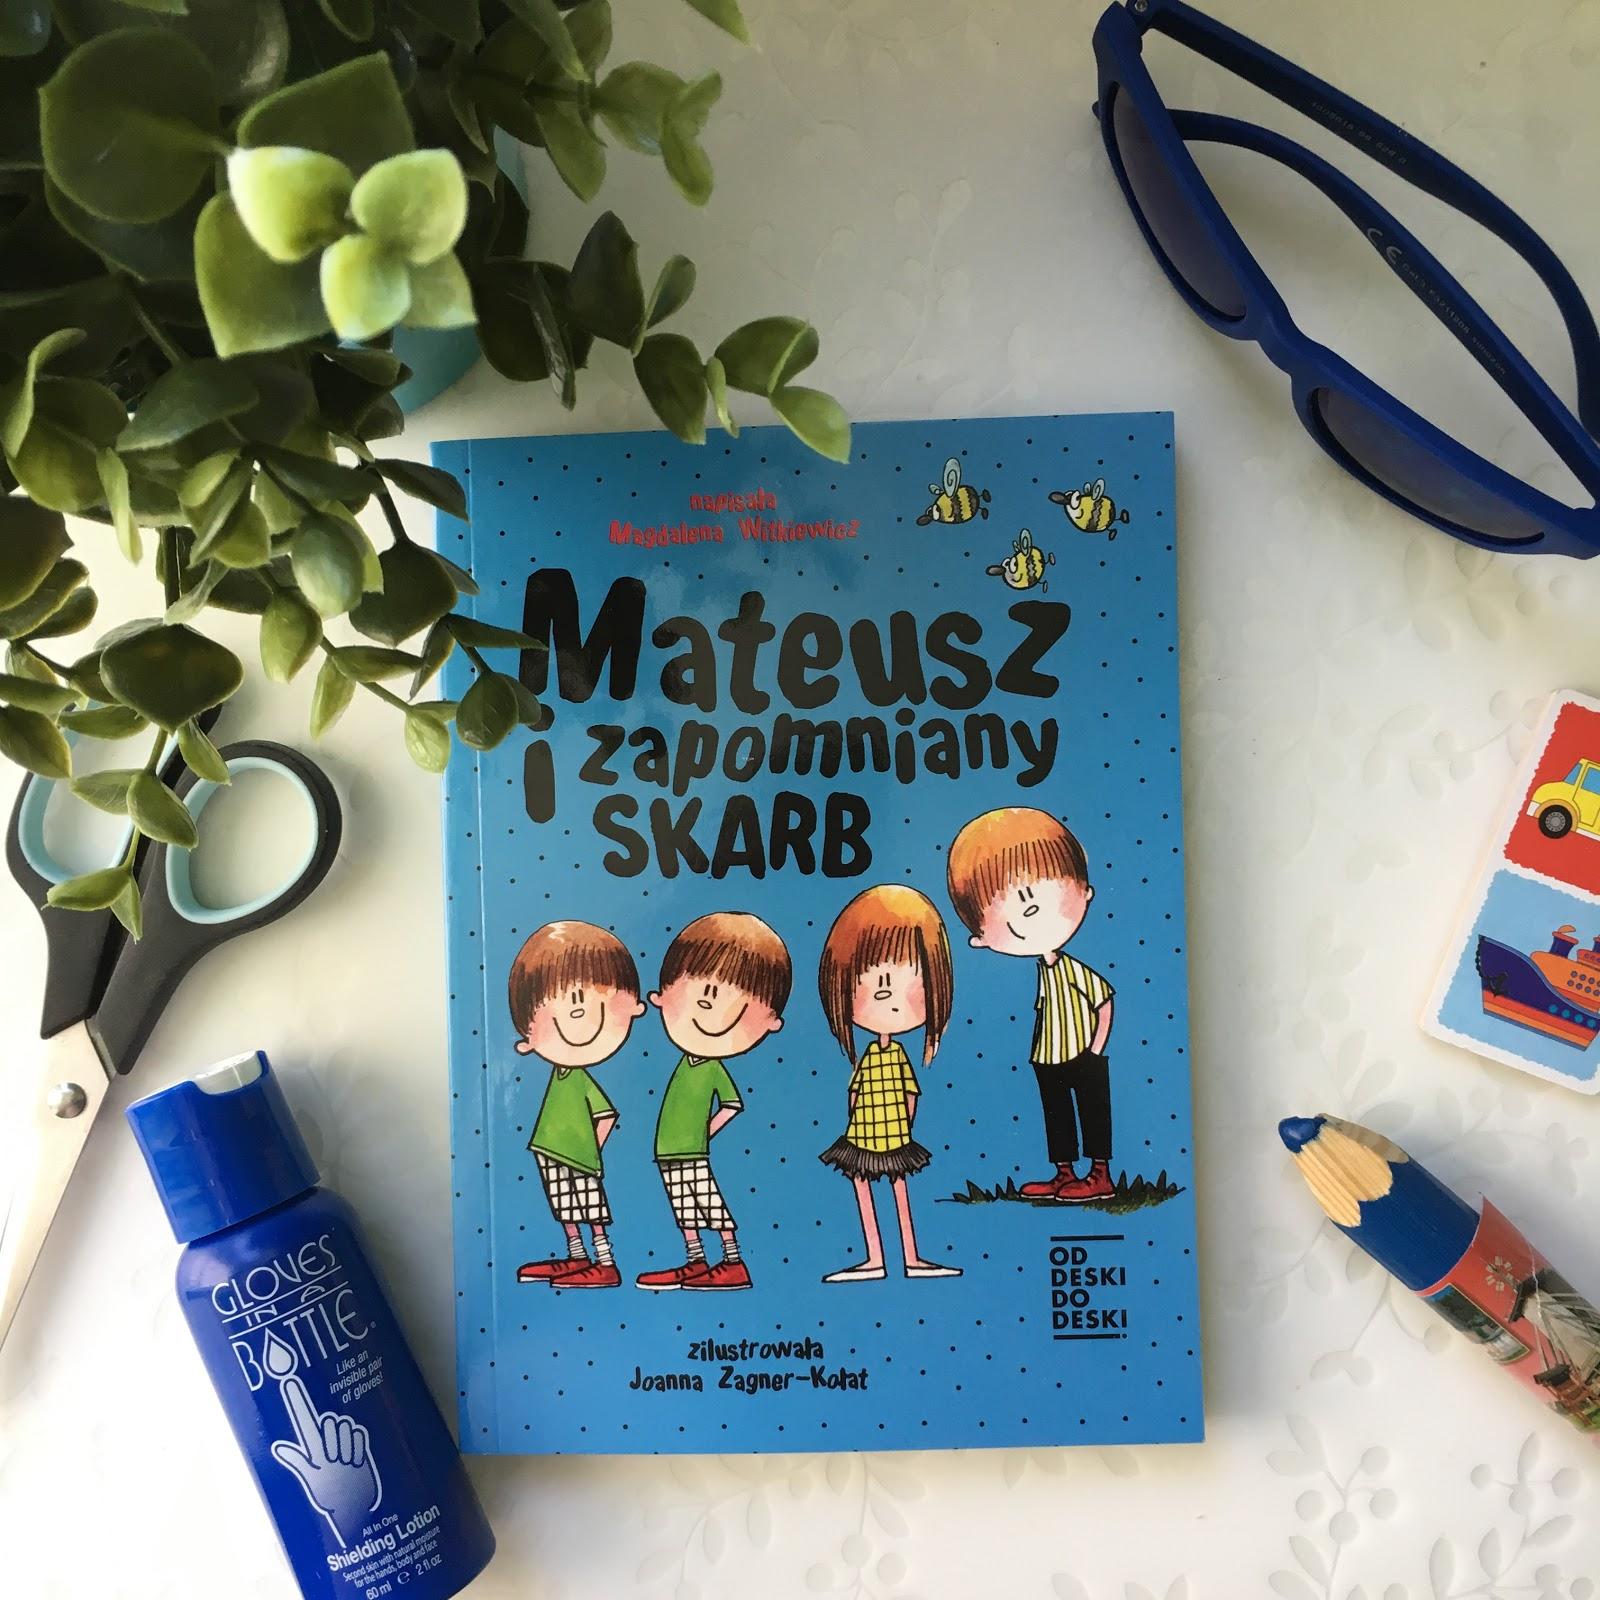 Moje wrażenia, na temat najnowszej książki Magdaleny Witkiewicz, tym razem dla dzieci, Mateusz i zapomniany skarb, która miała premierę 23.05.2018.